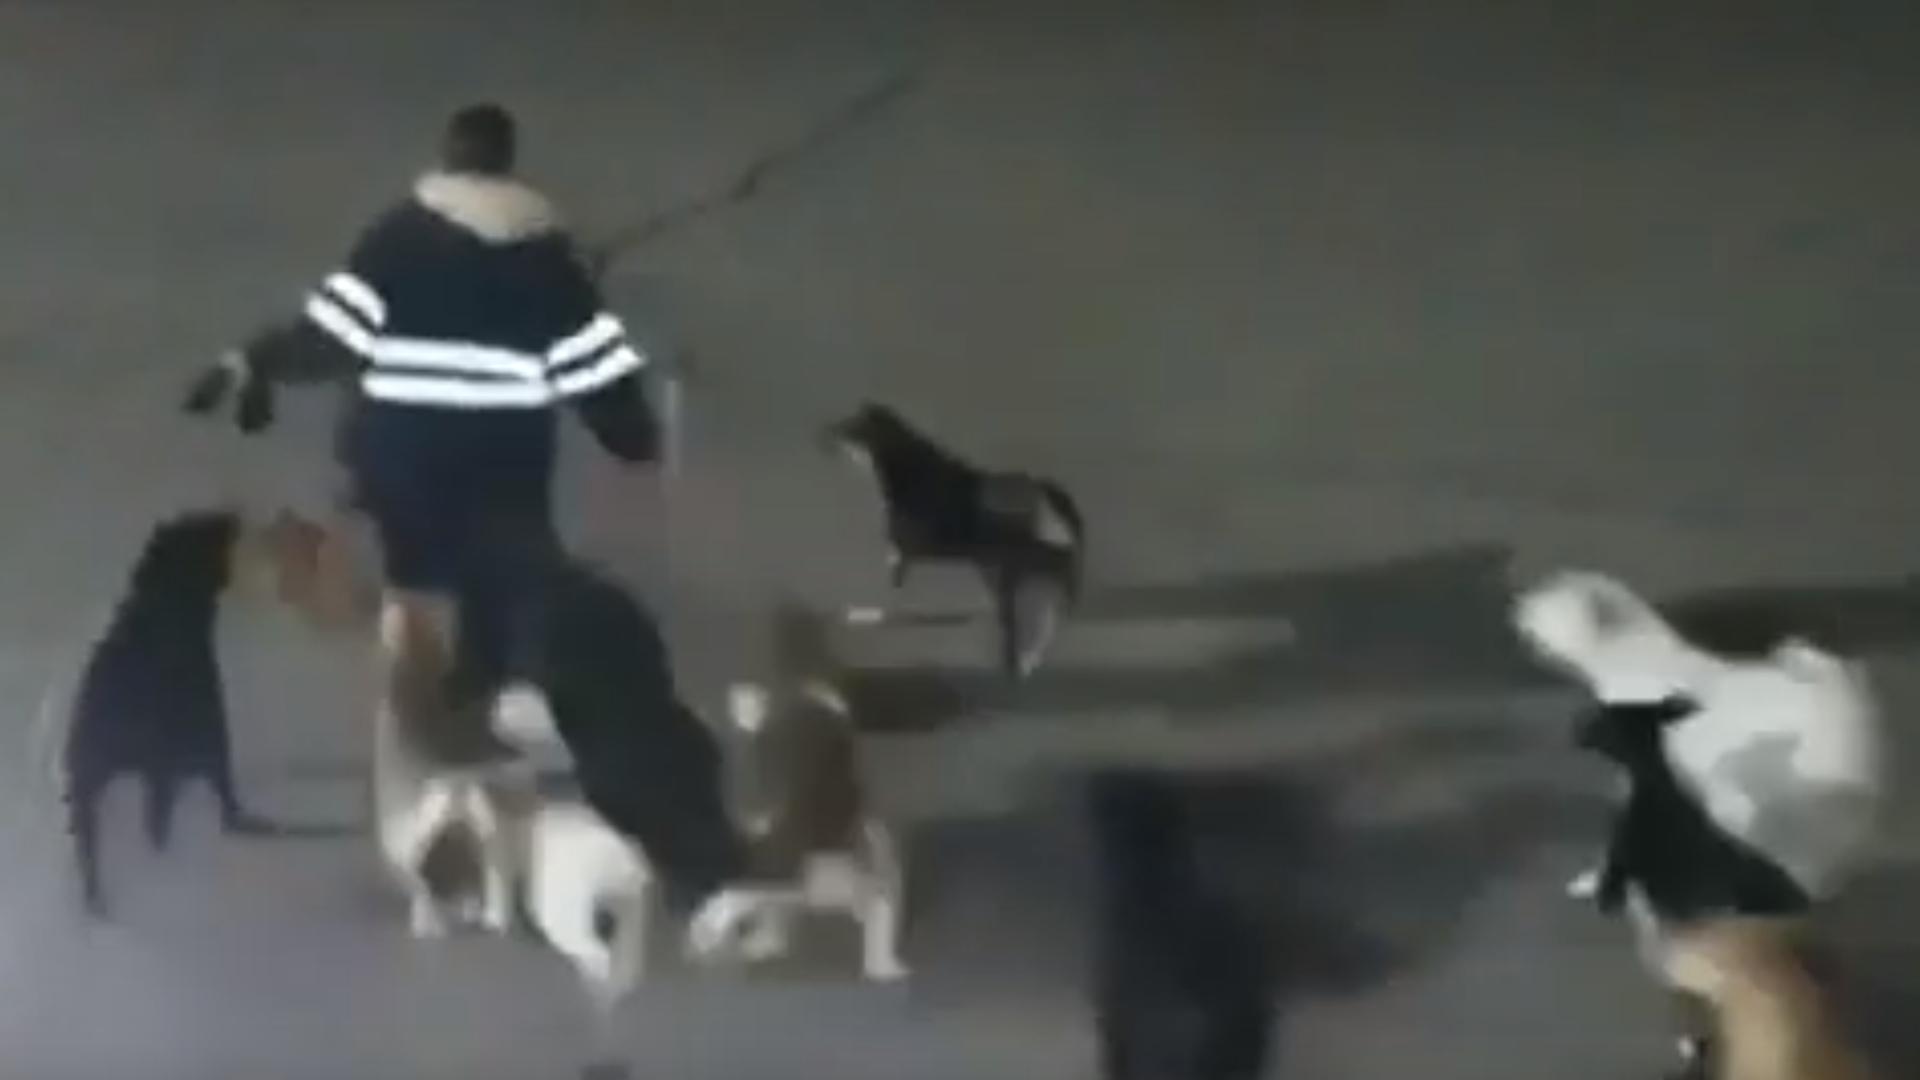 En el video sólo es posible ver a la mujer corriendo con los perros detrás, pero no se observa el momento del ataque (Foto: Captura de pantalla)